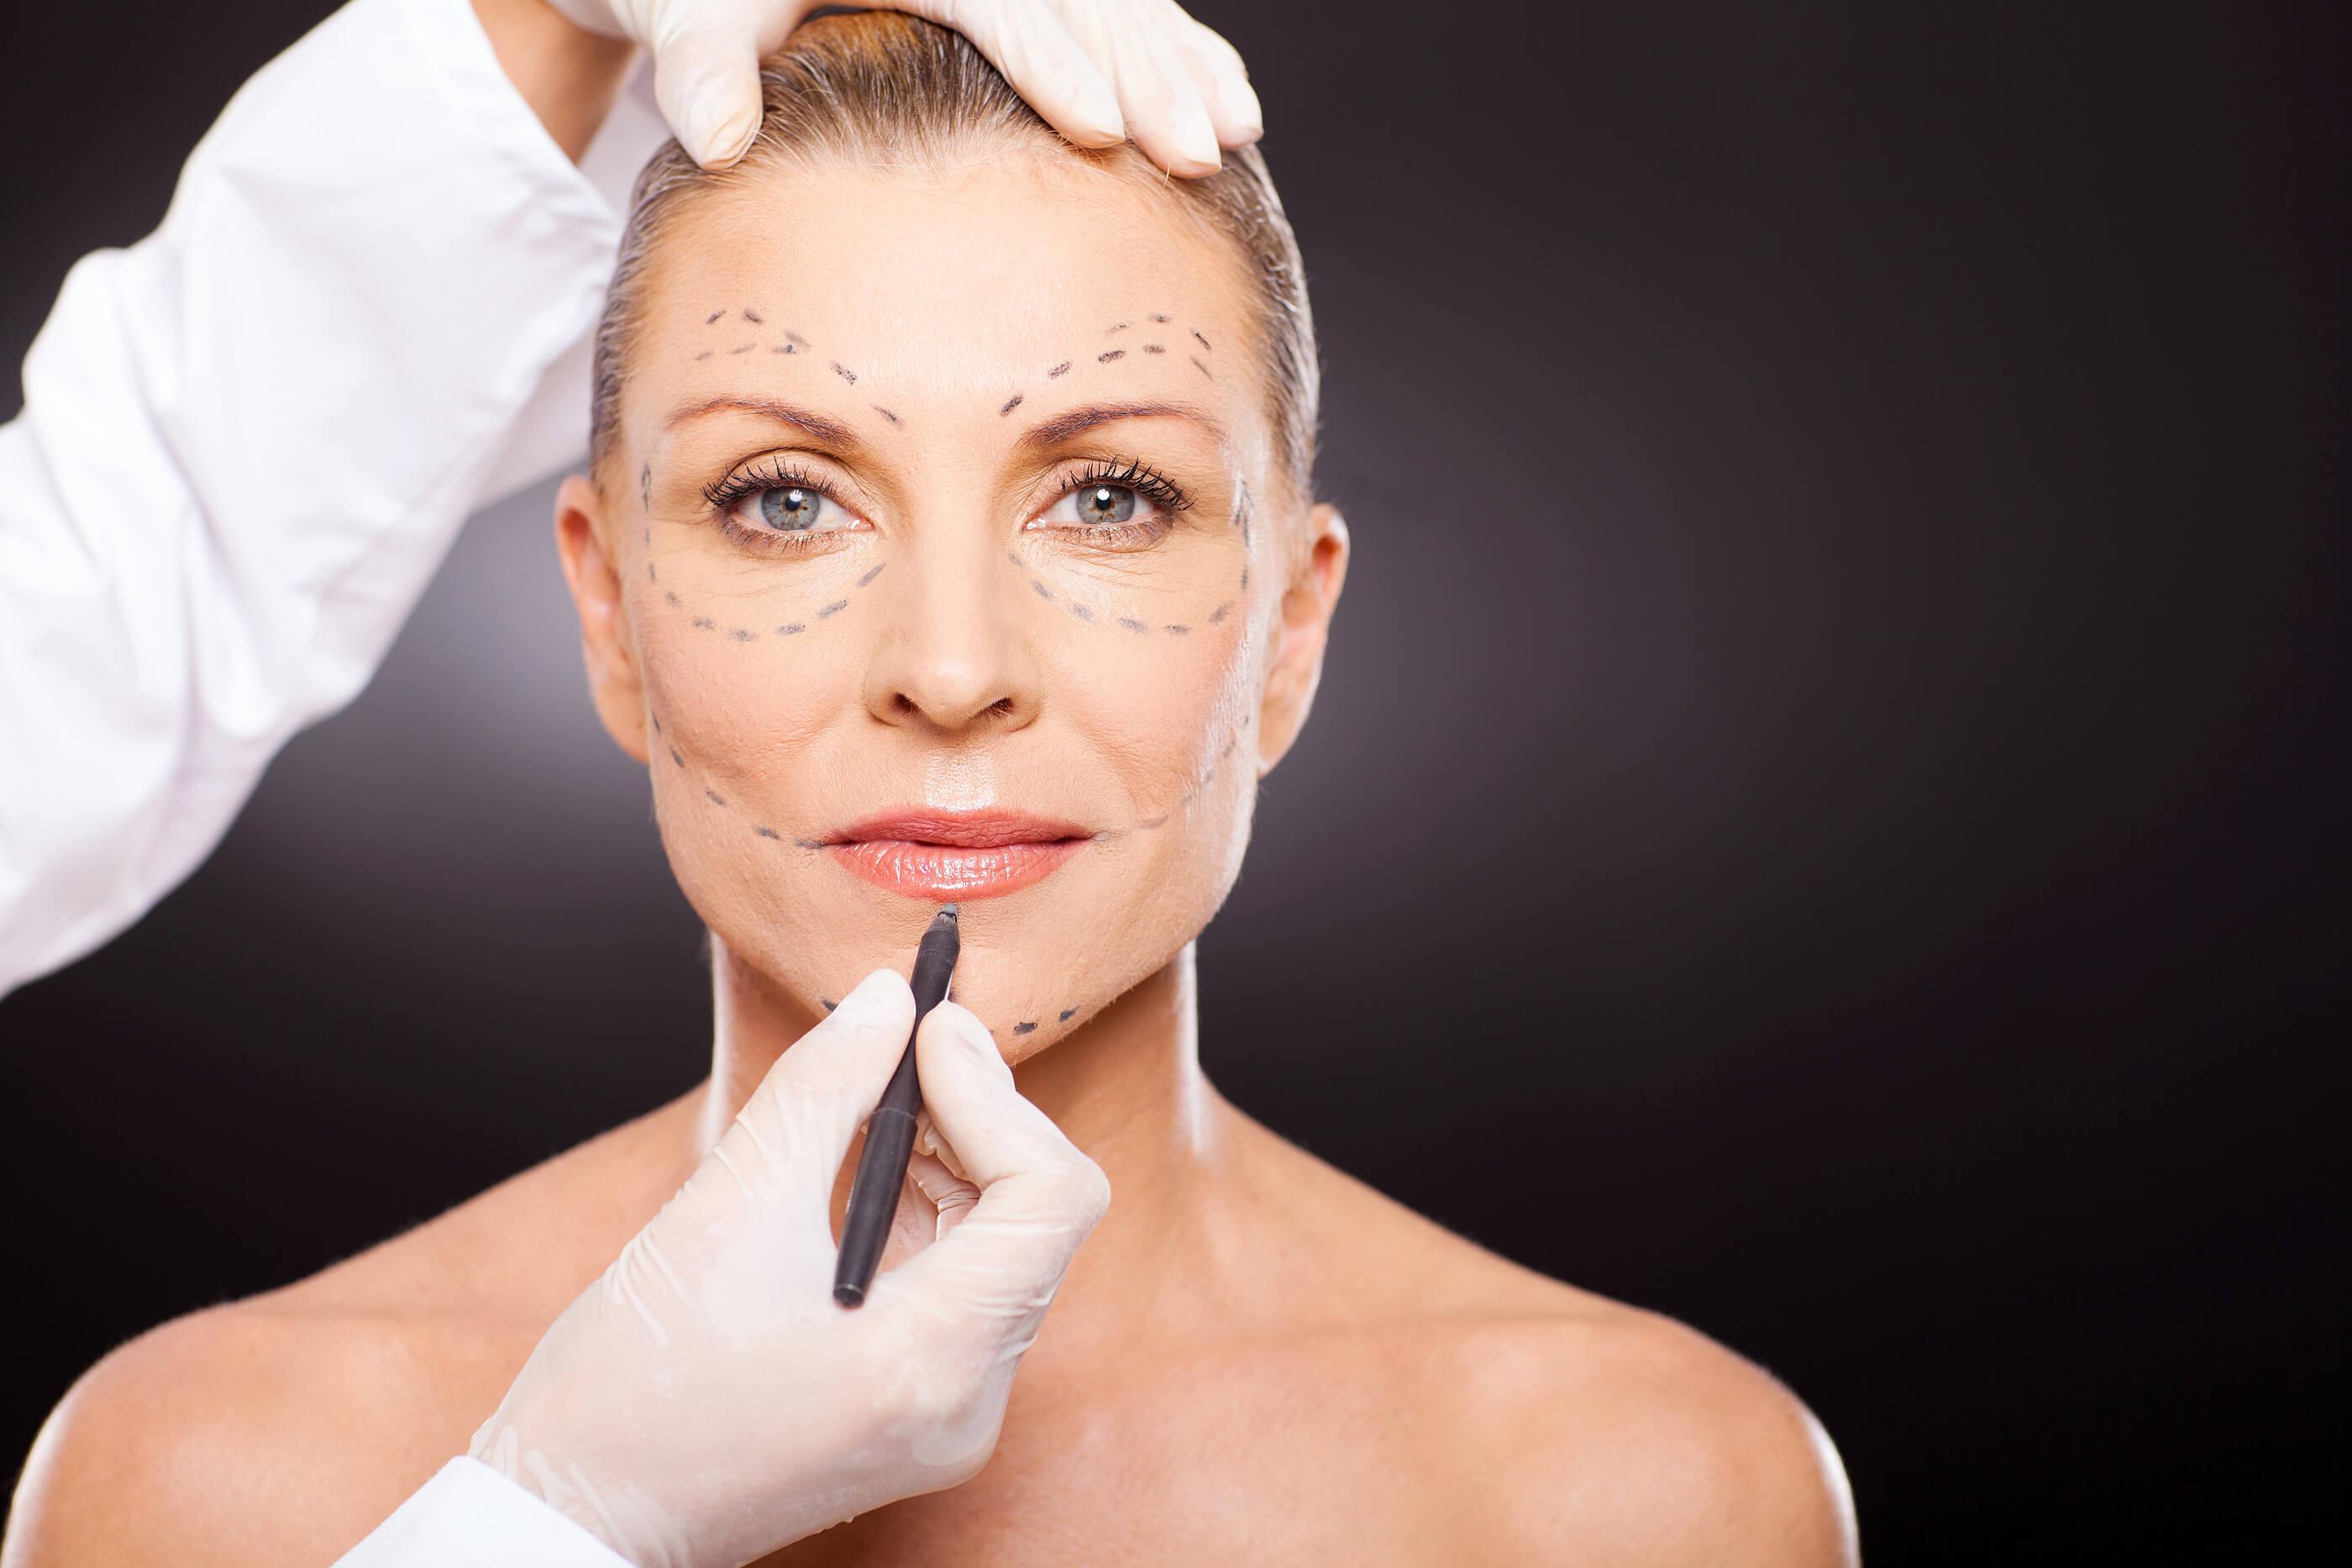 Facial plastic surgery clinics 8